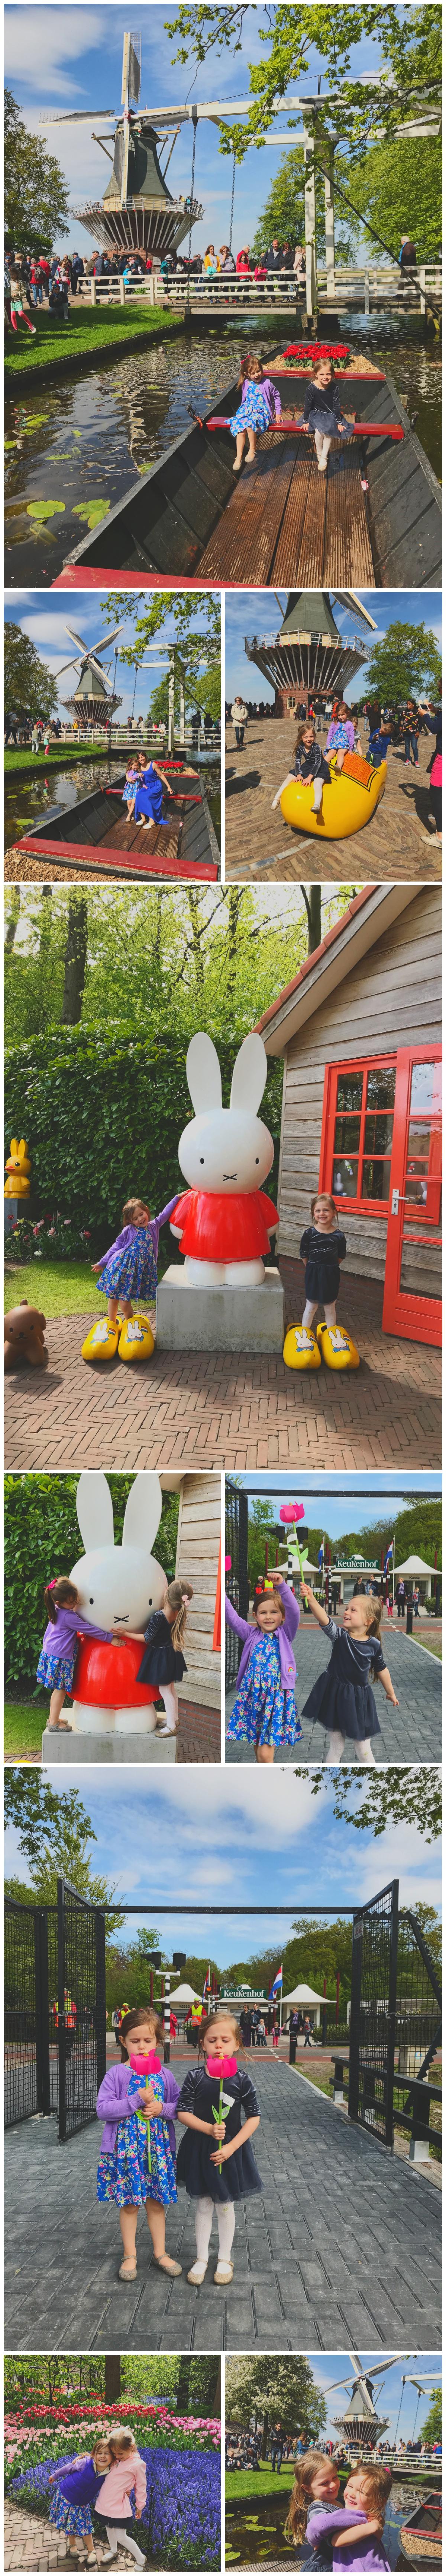 Keukenhof south holland Garden